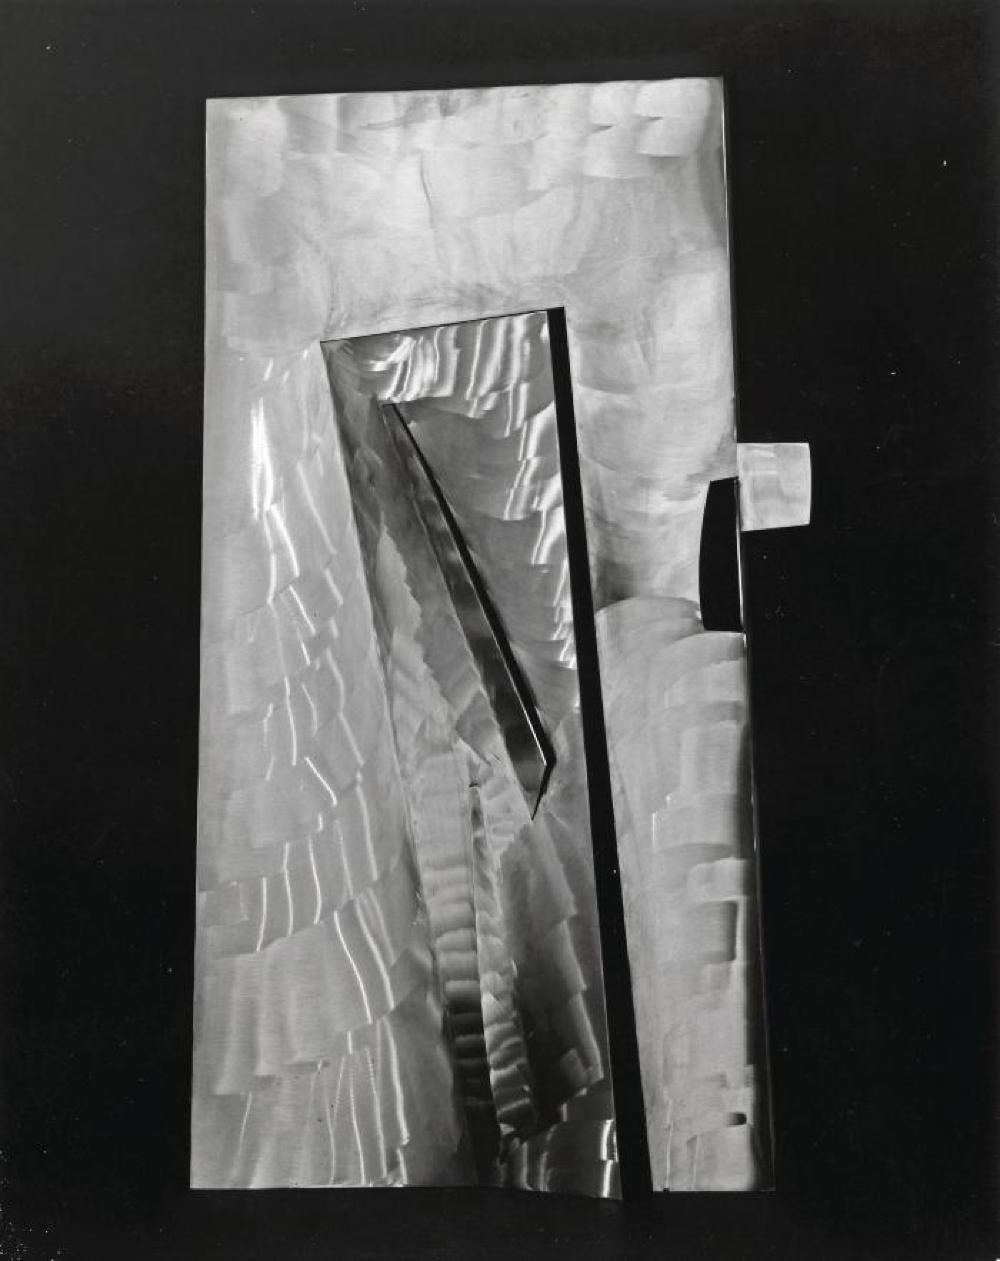 Doorway, image 3